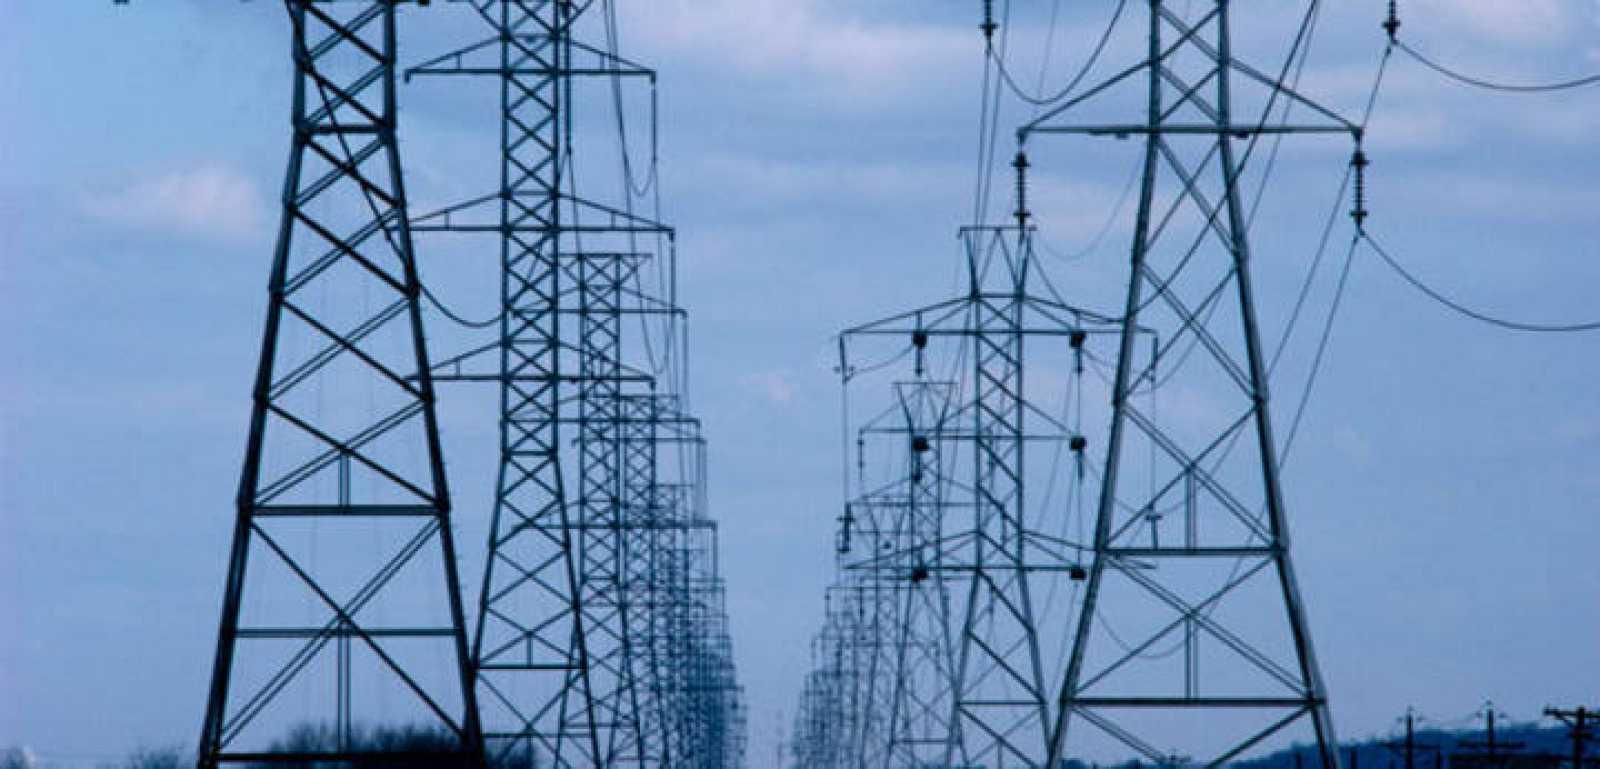 Torres de un tendido eléctrico de alta tensión